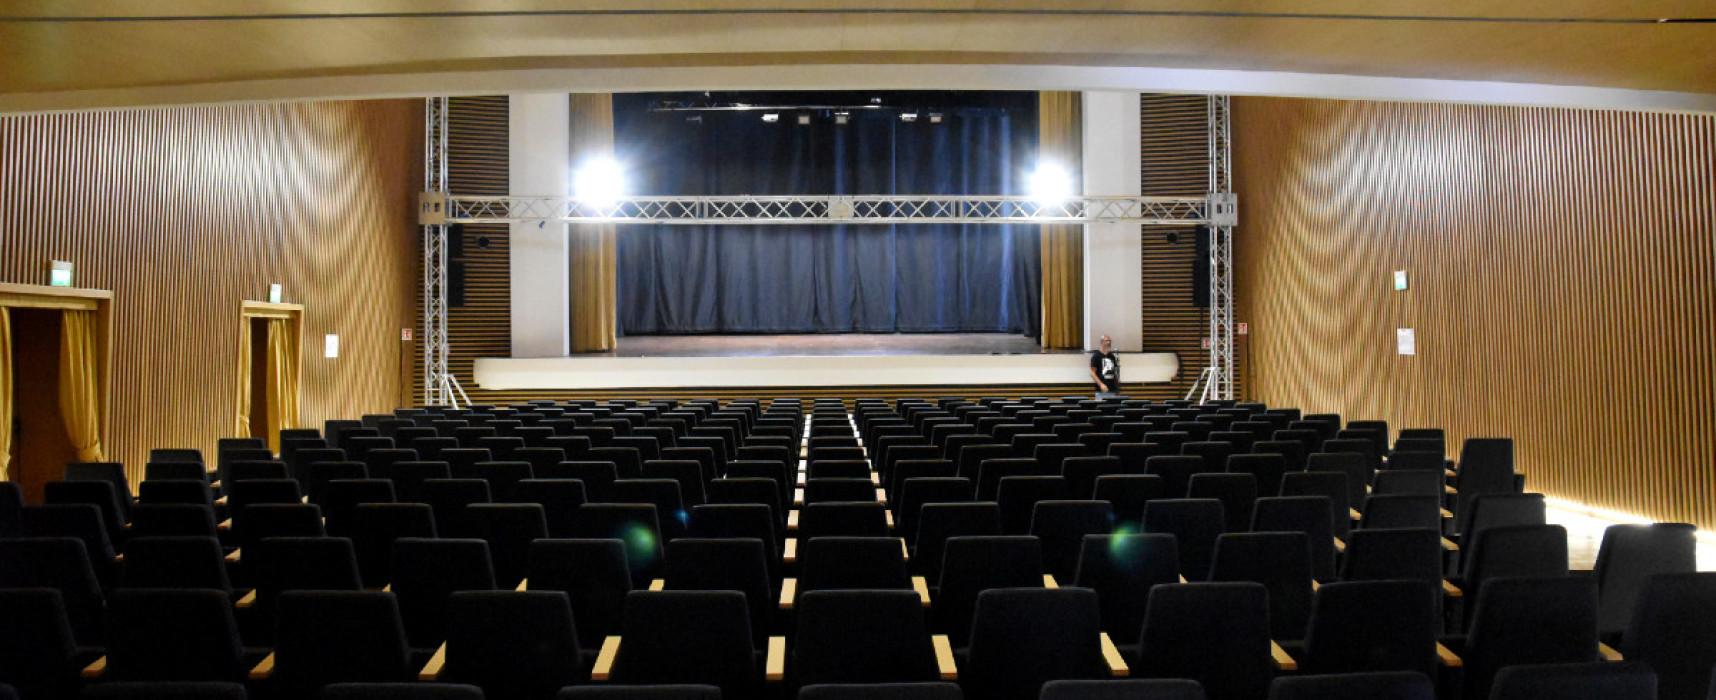 Riapre il cinema Astra, ora teatro!